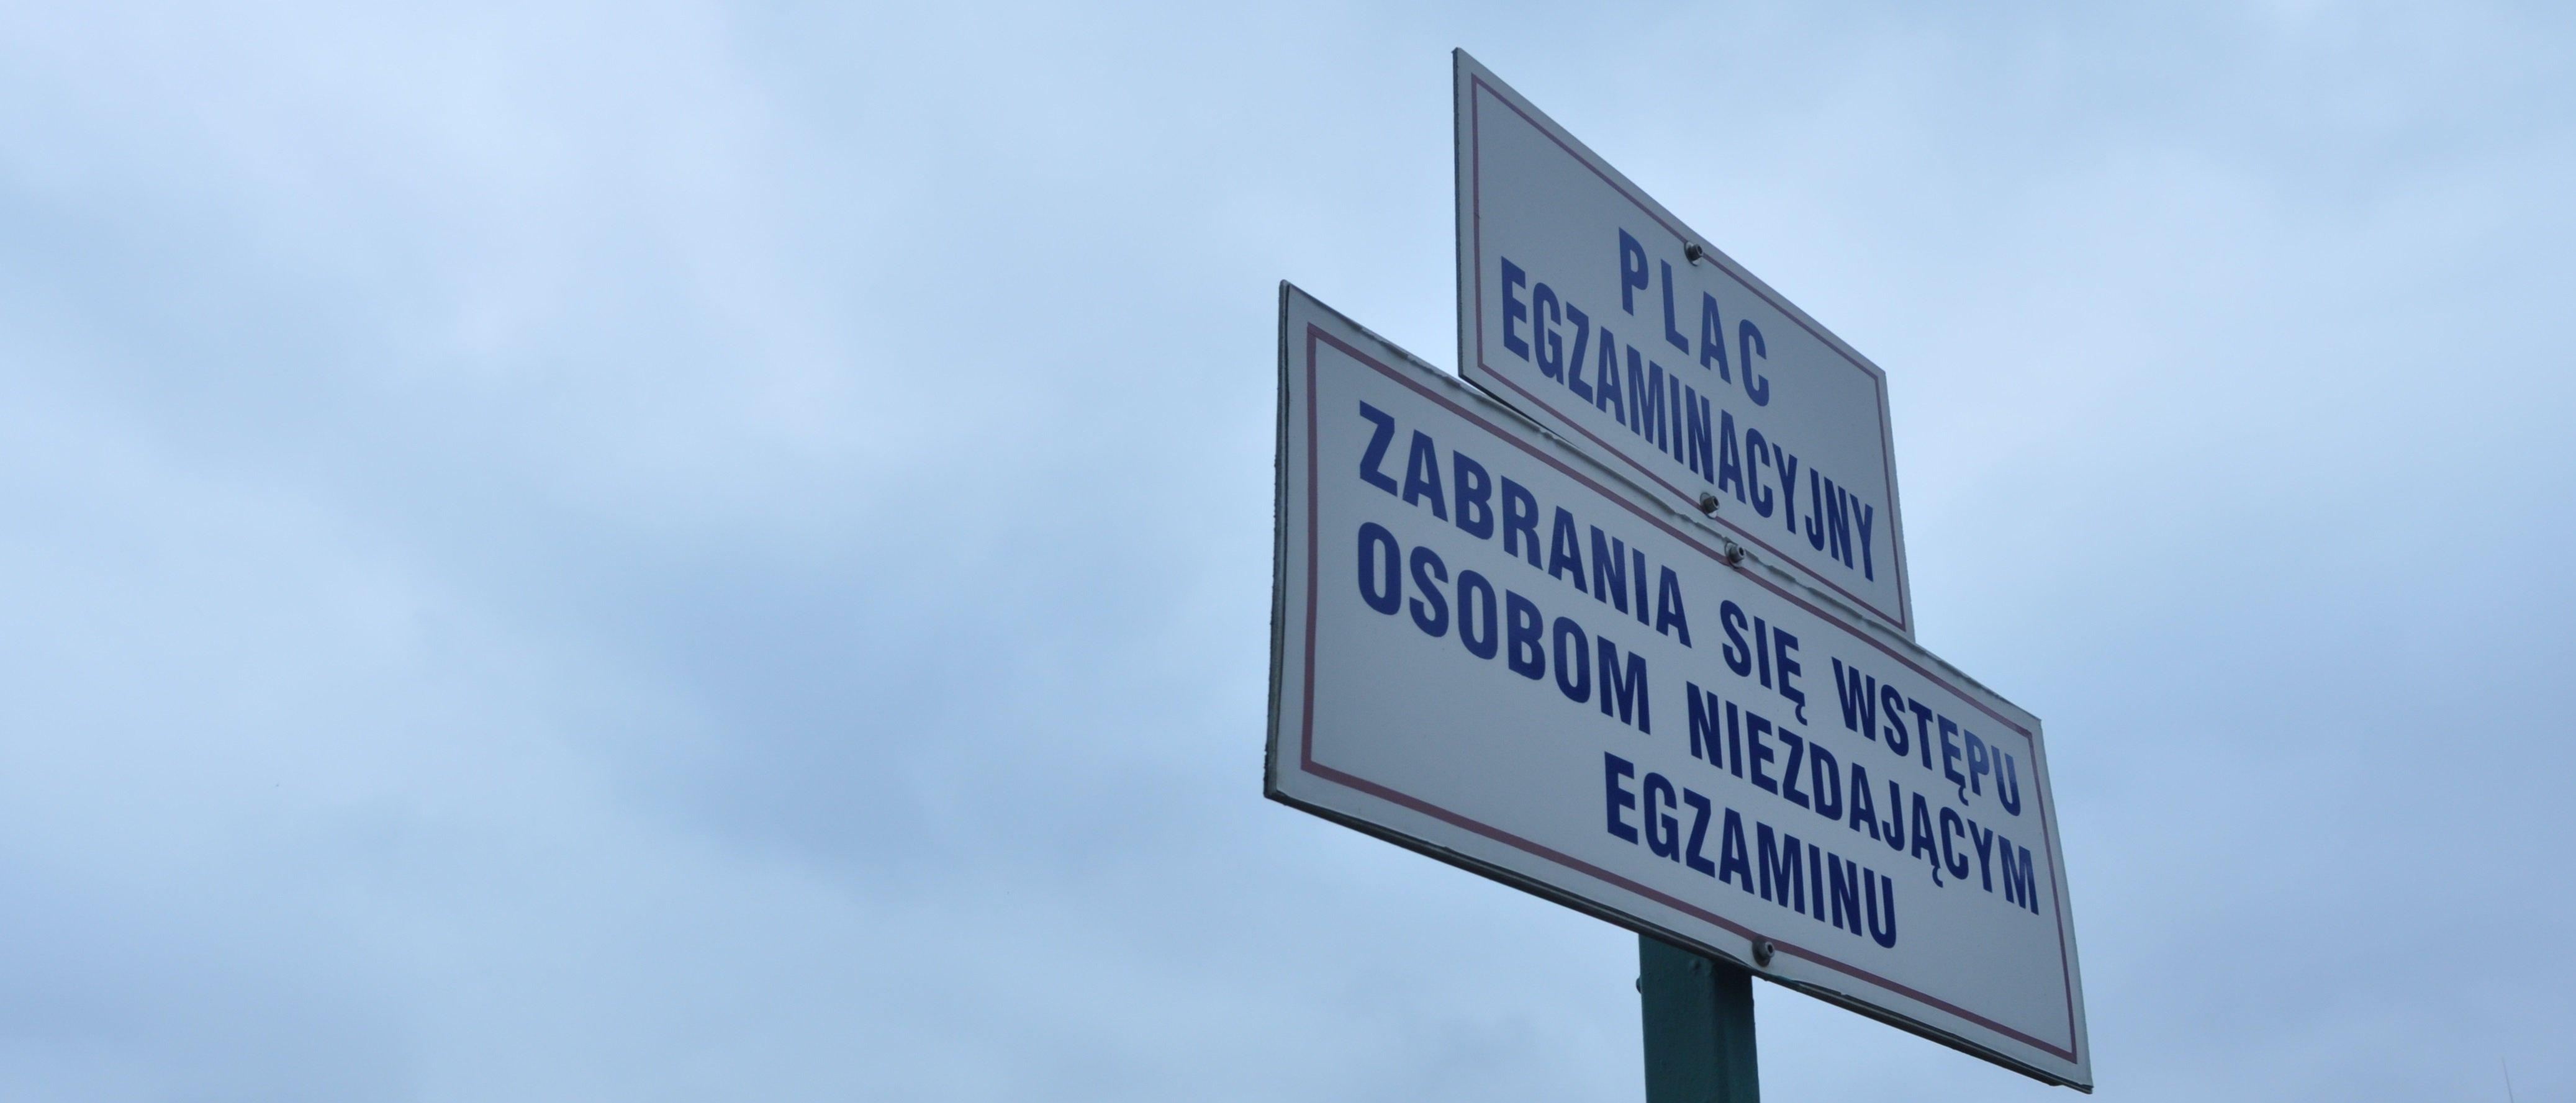 Tabliczki PLAC EGZAMINACYJNY ZABRANIA SIĘ WSTĘPU OSOBOM NIE ZDAJĄCYM EGZAMINU